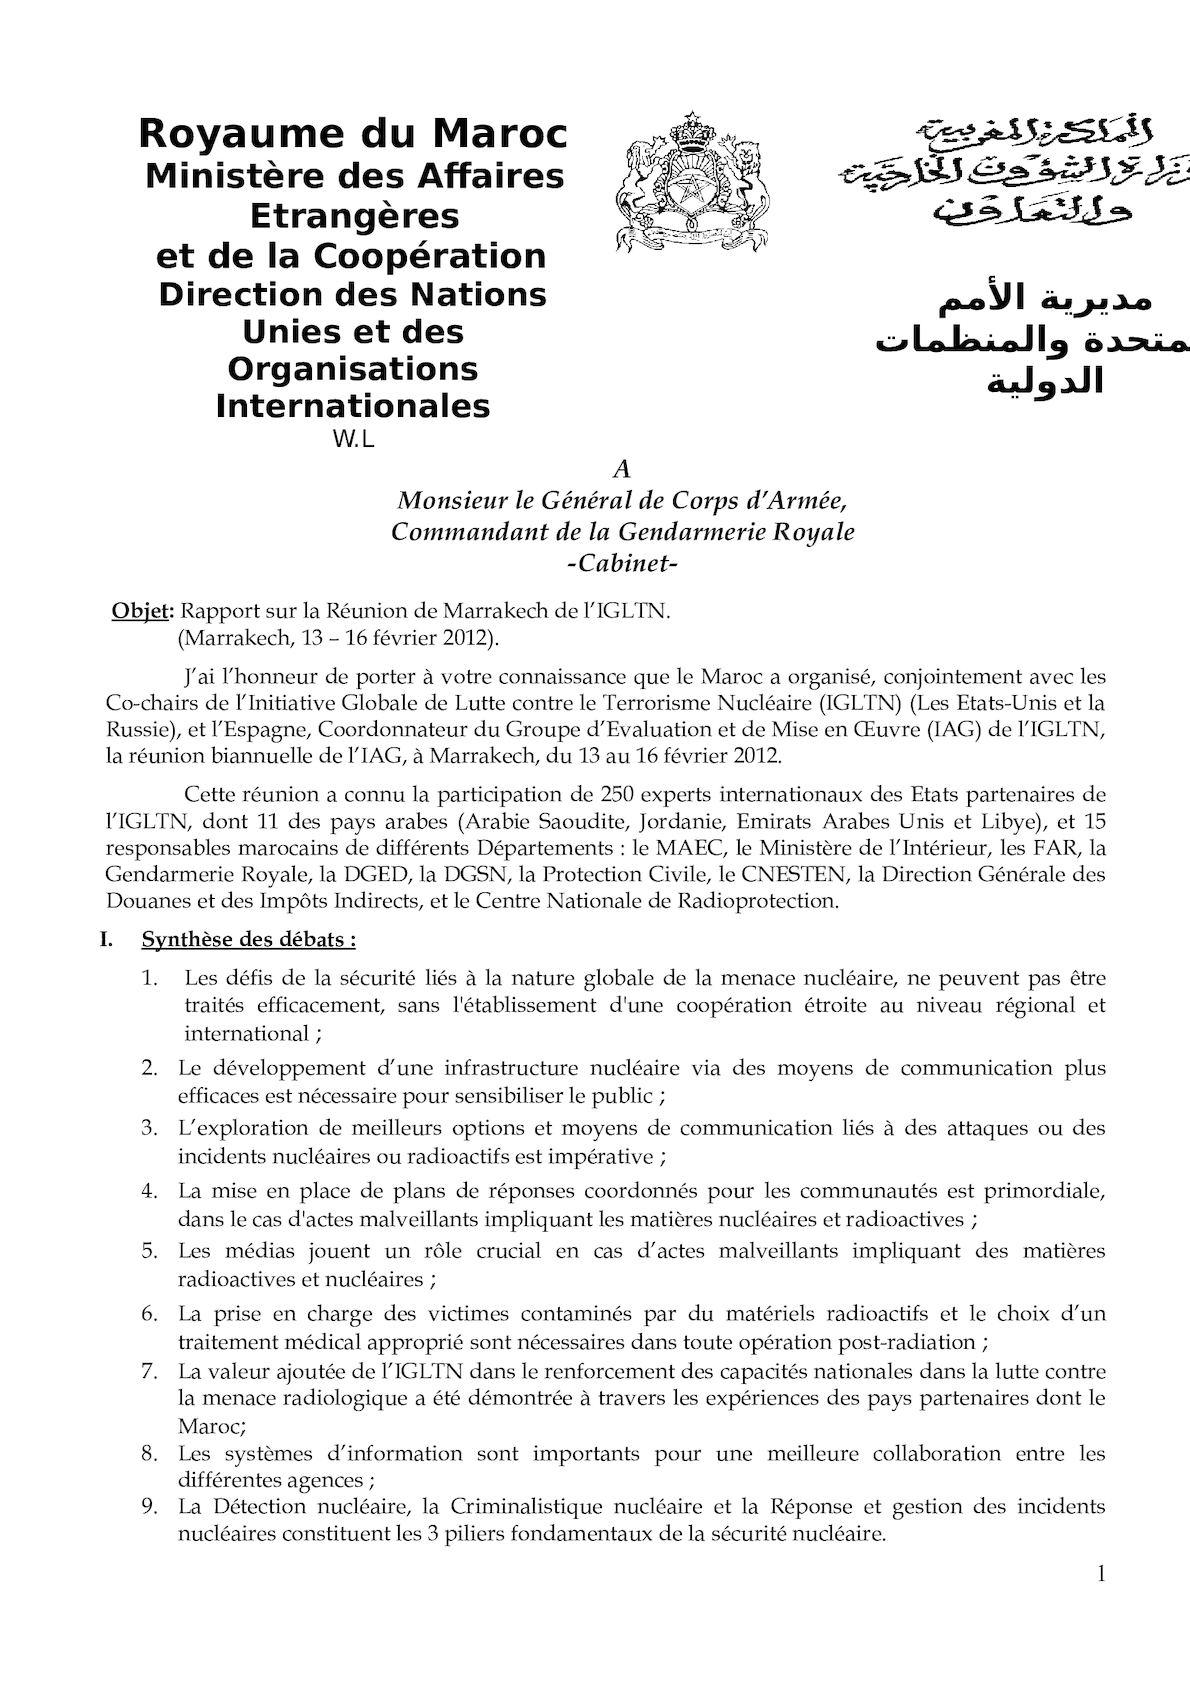 Gendarmerie Royale Rapport De La Réunion De L'iag Marrakech 2012